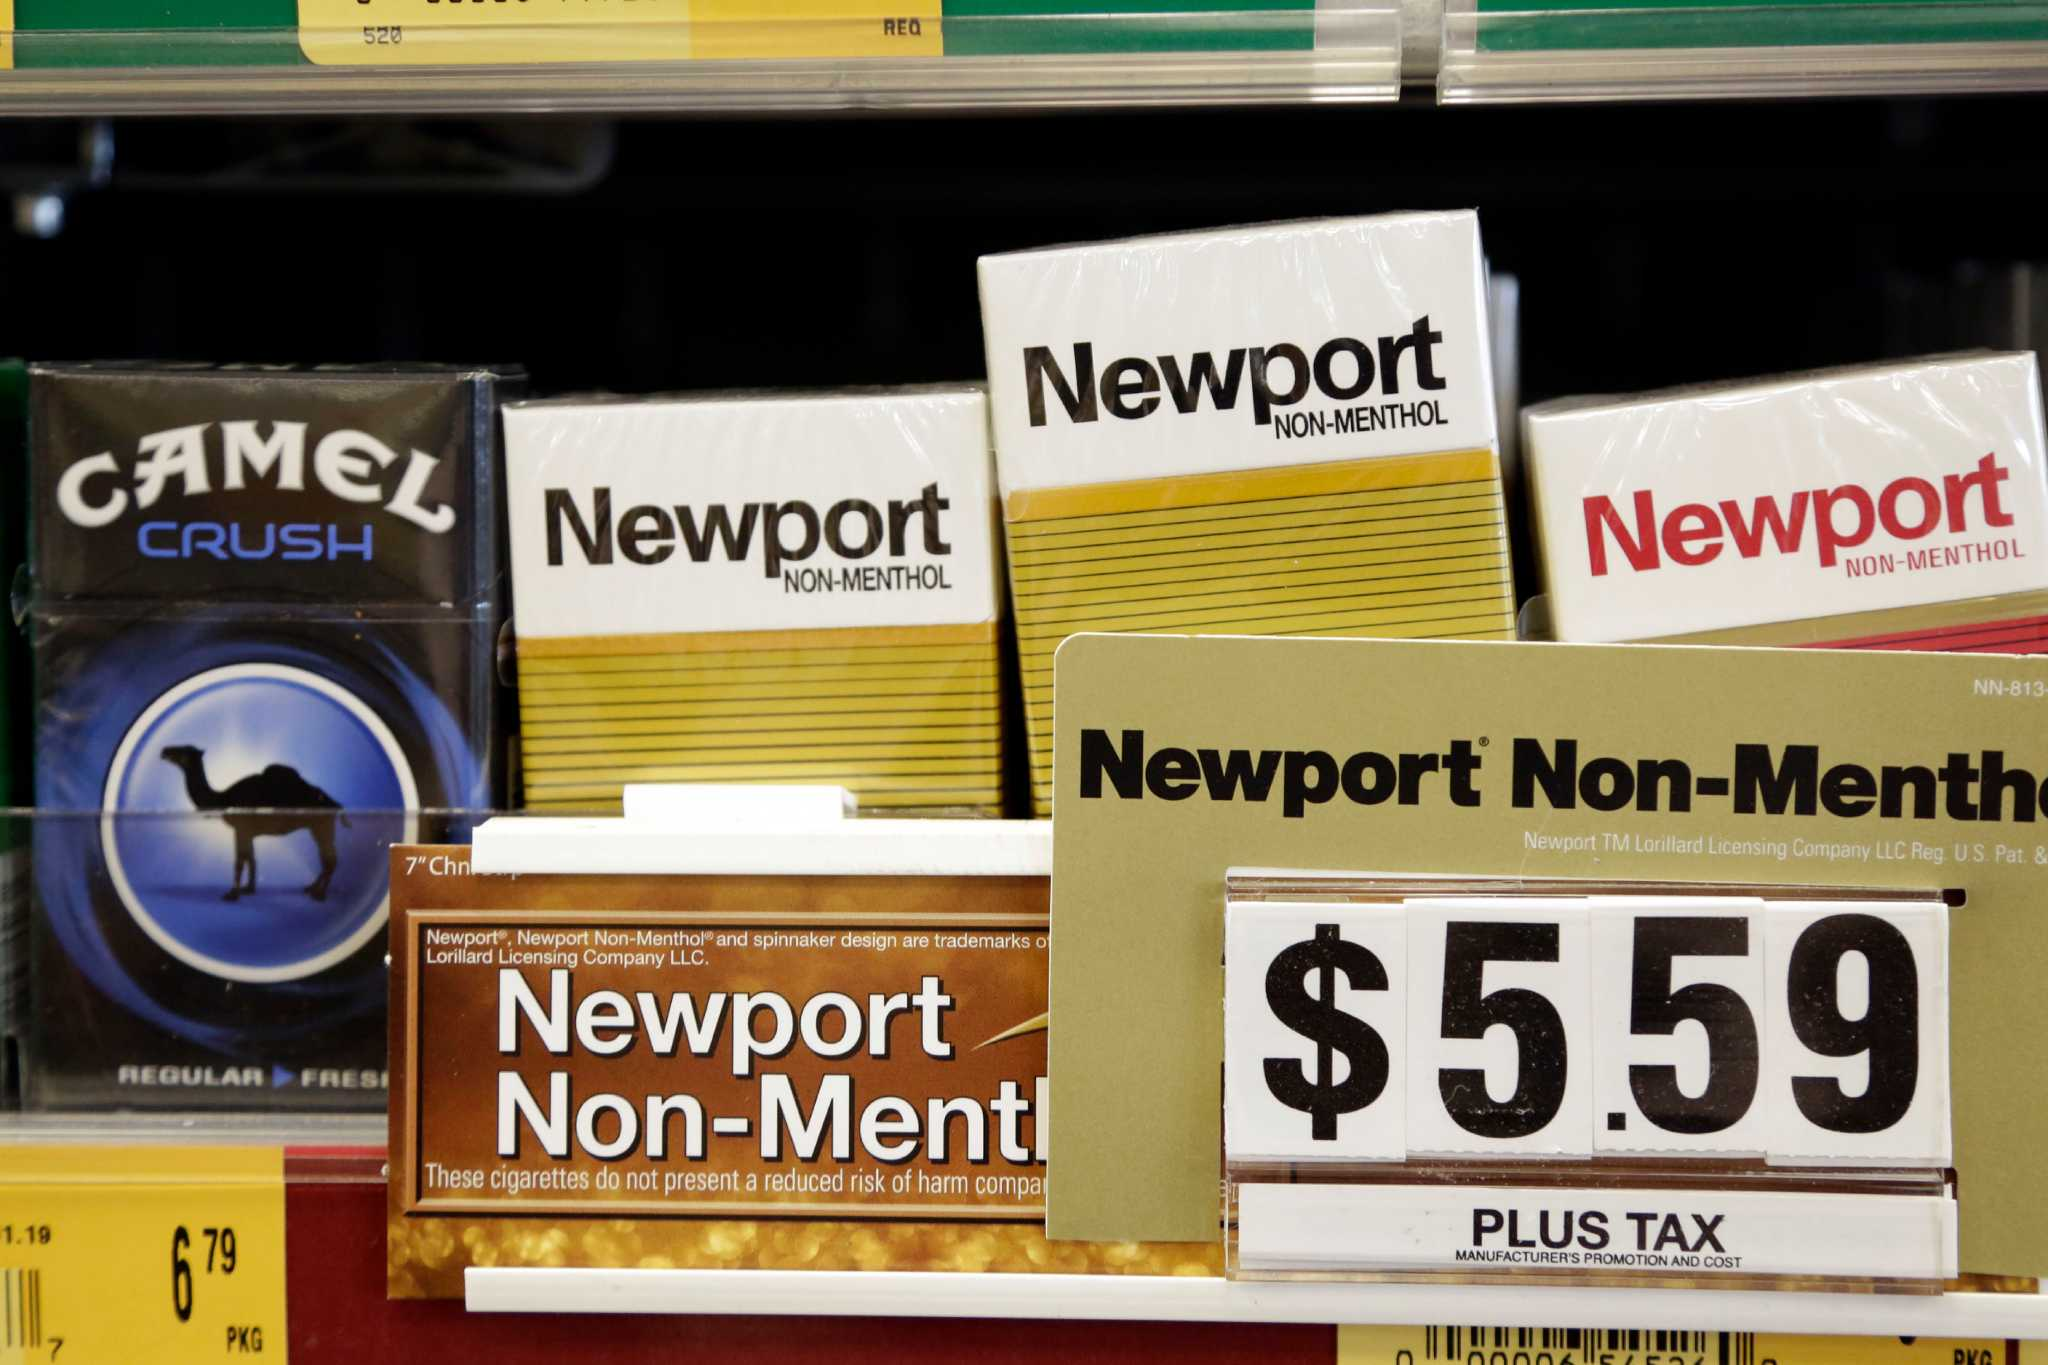 Minor in possession of tobacco ticket (California)?